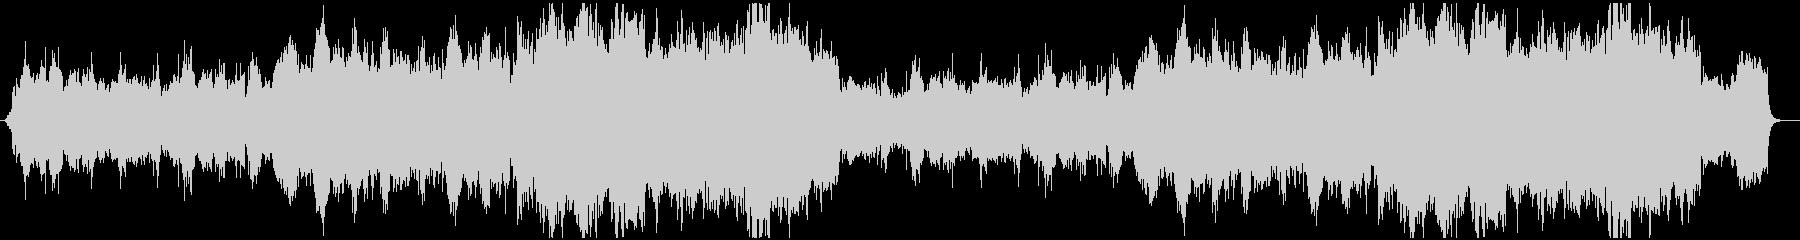 ハープとストリングスの曲の未再生の波形